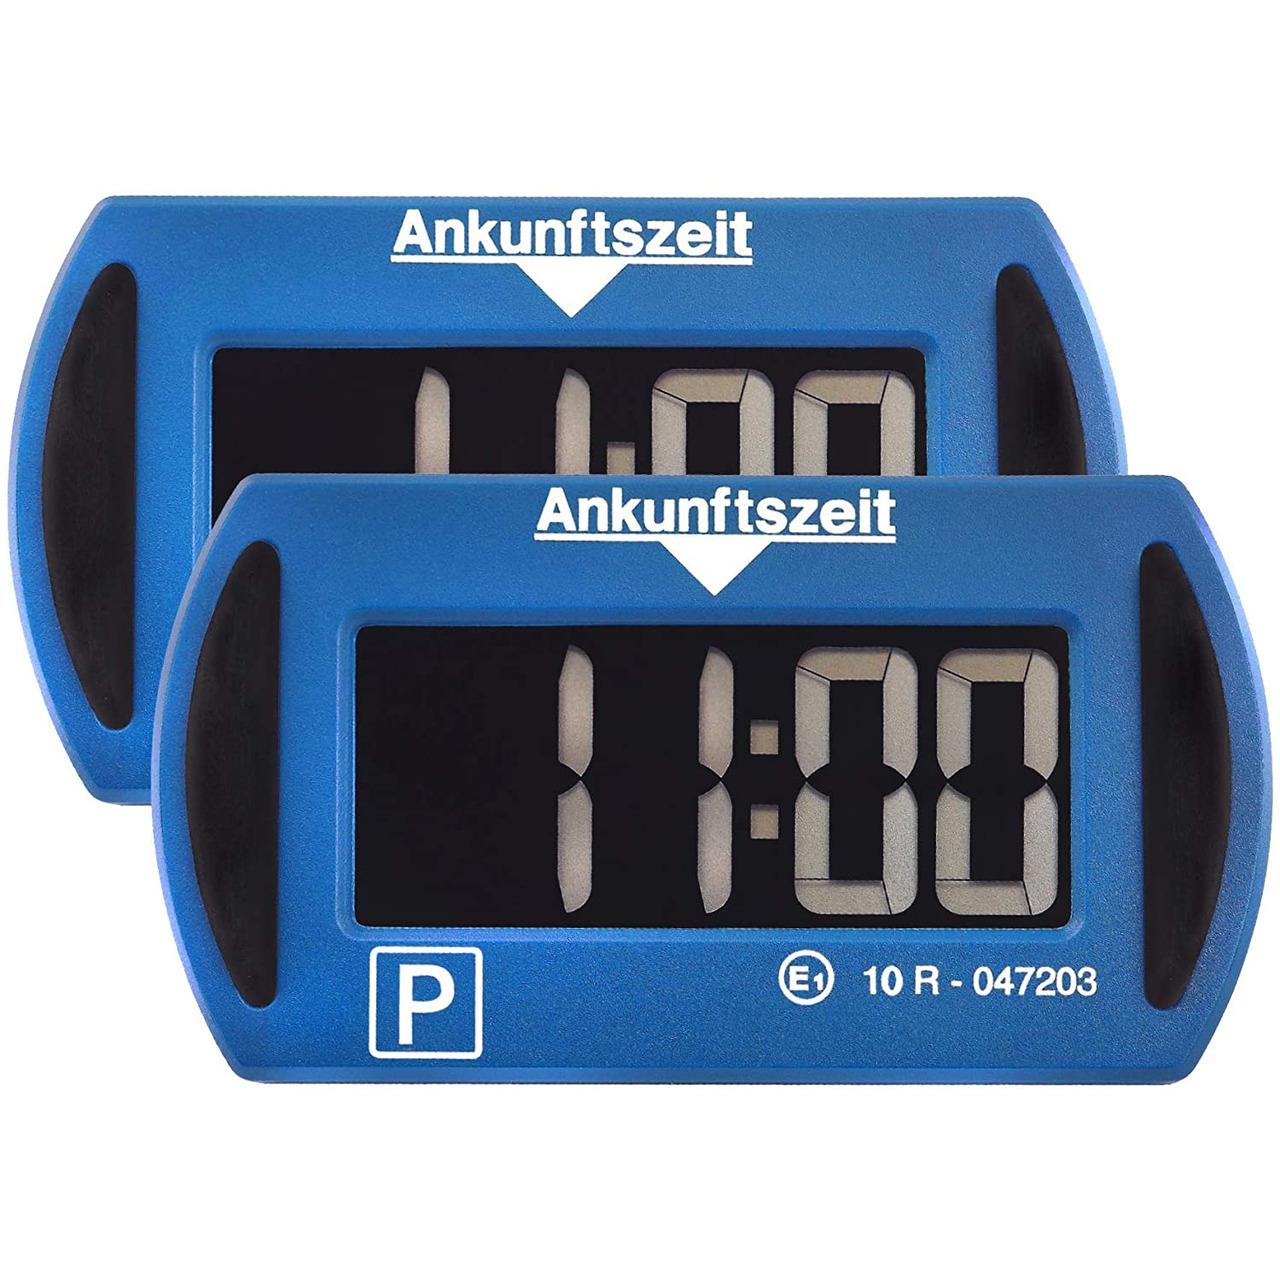 Needit 2er-Spar-Set Digitale Parkscheibe PARK MINI- automatische Parkzeiteinstellung- blau